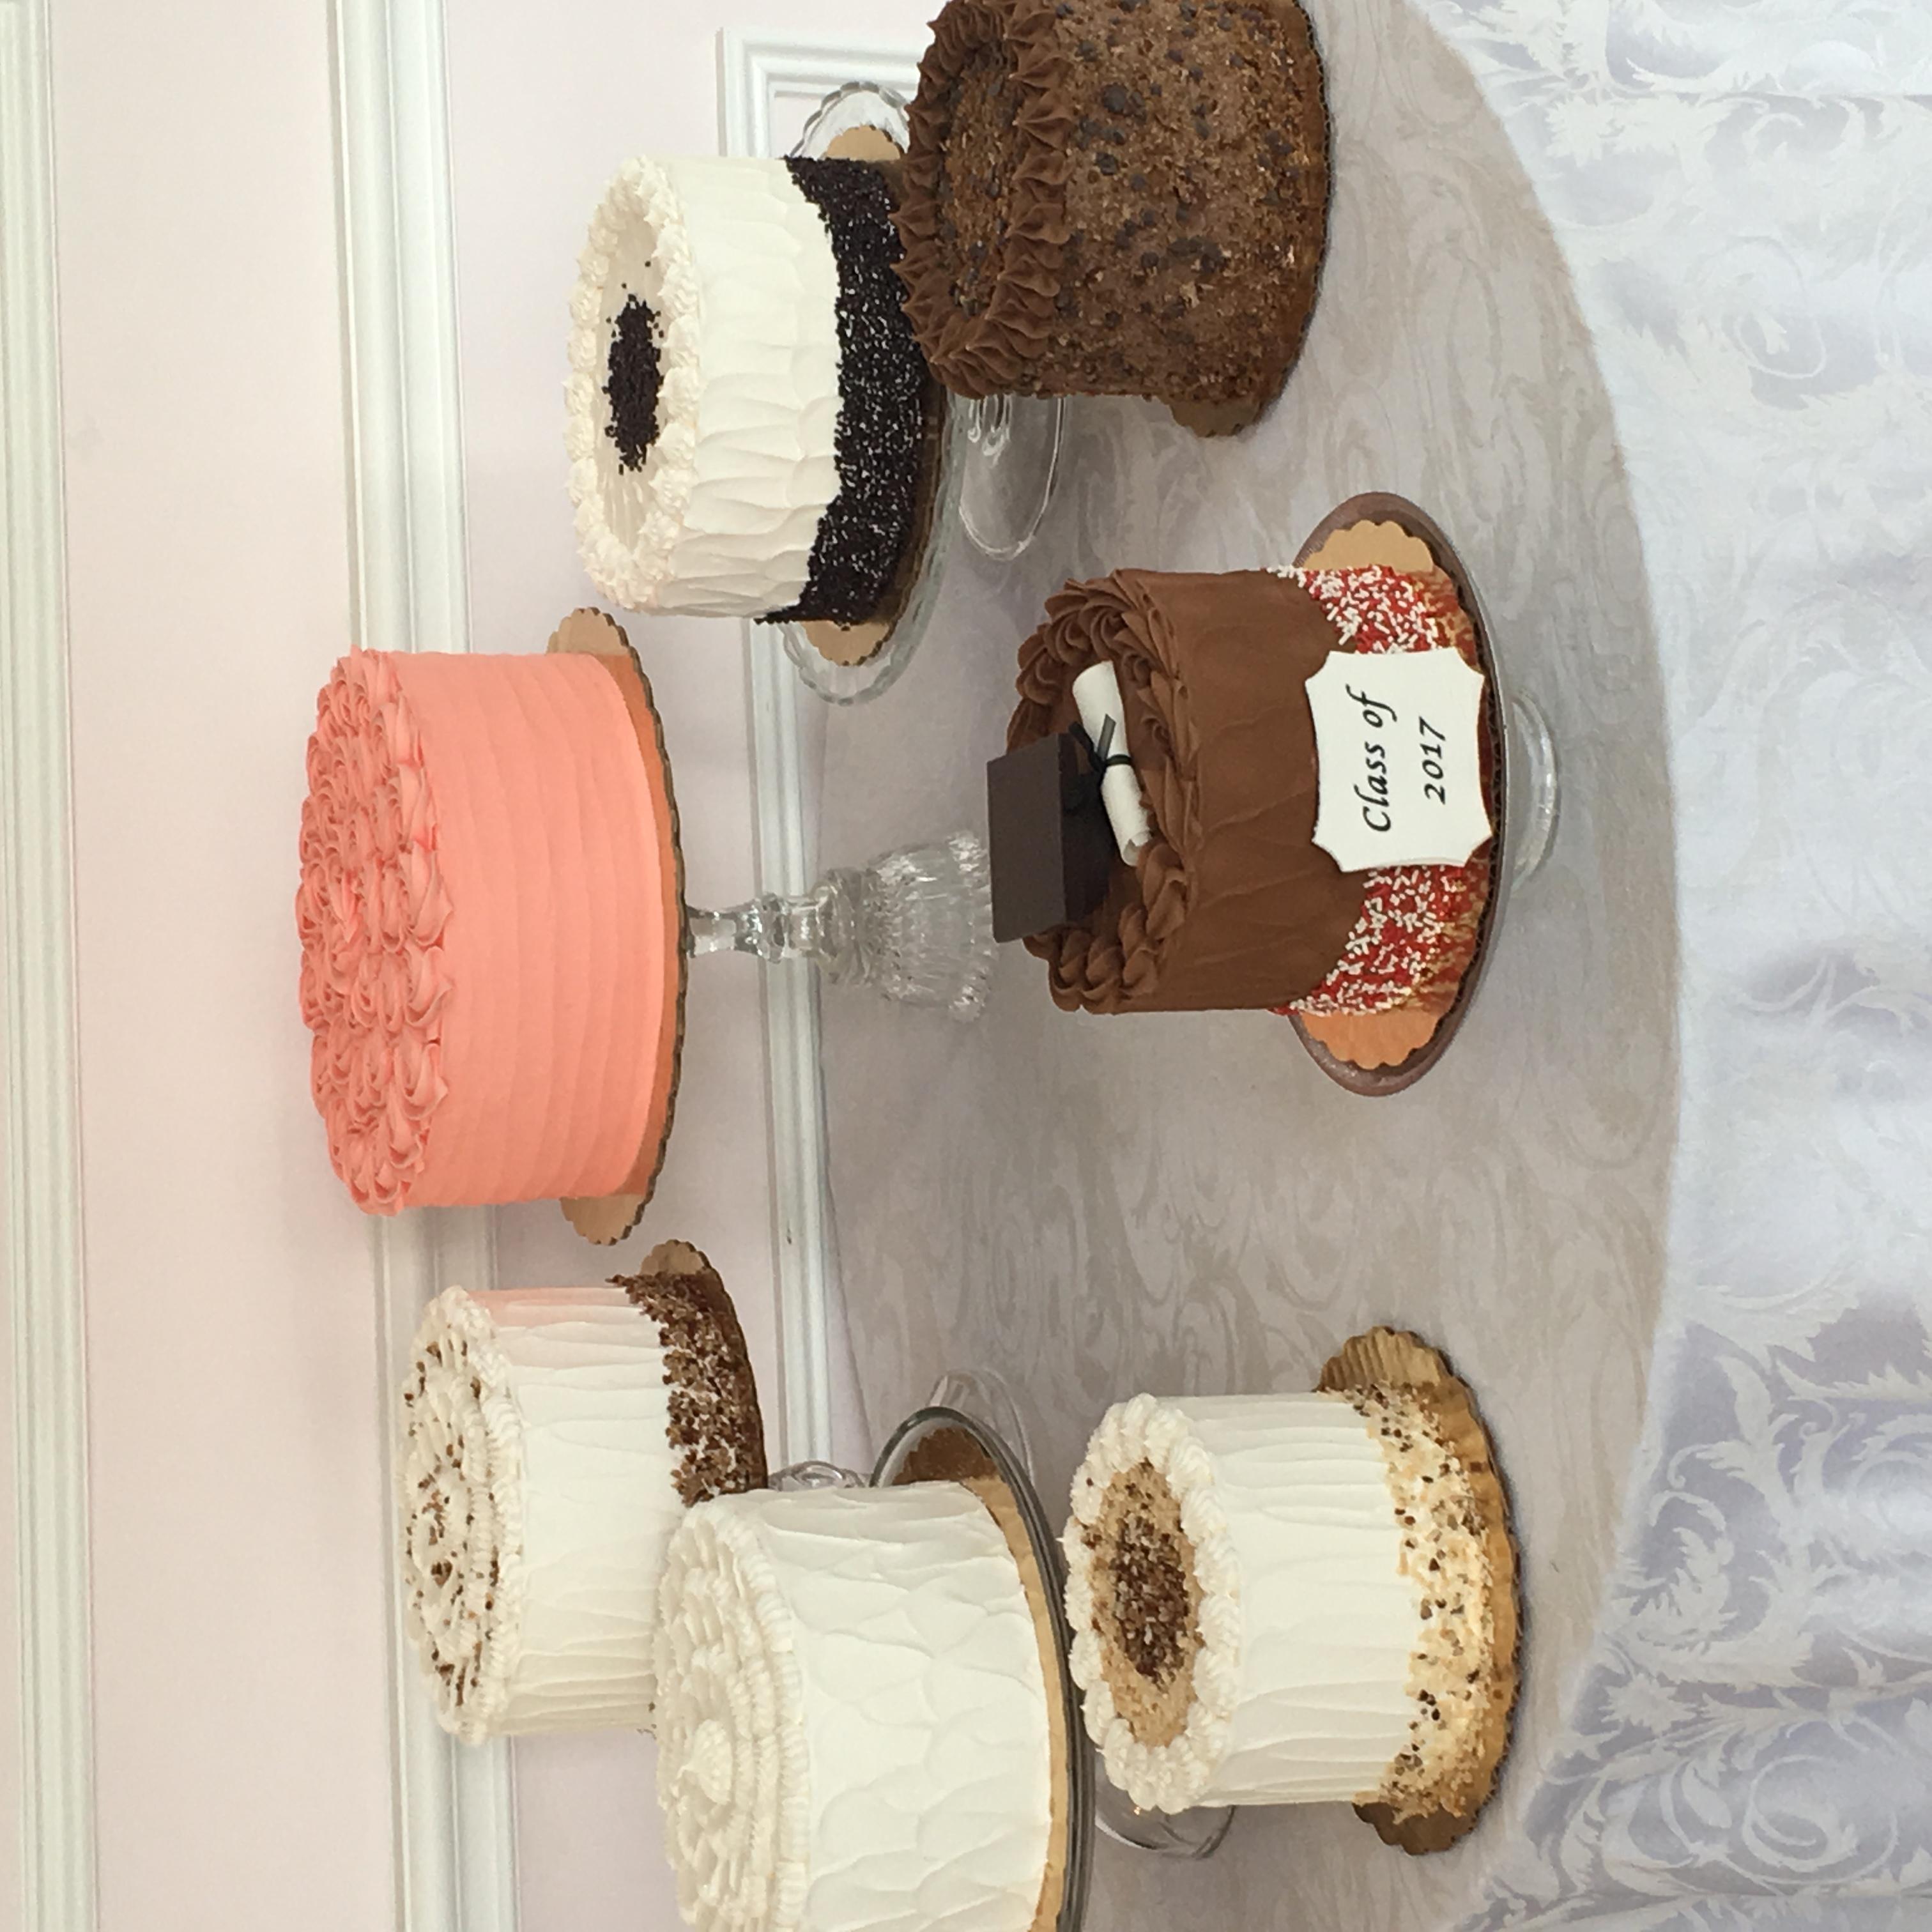 Elegant Dessert Cakes